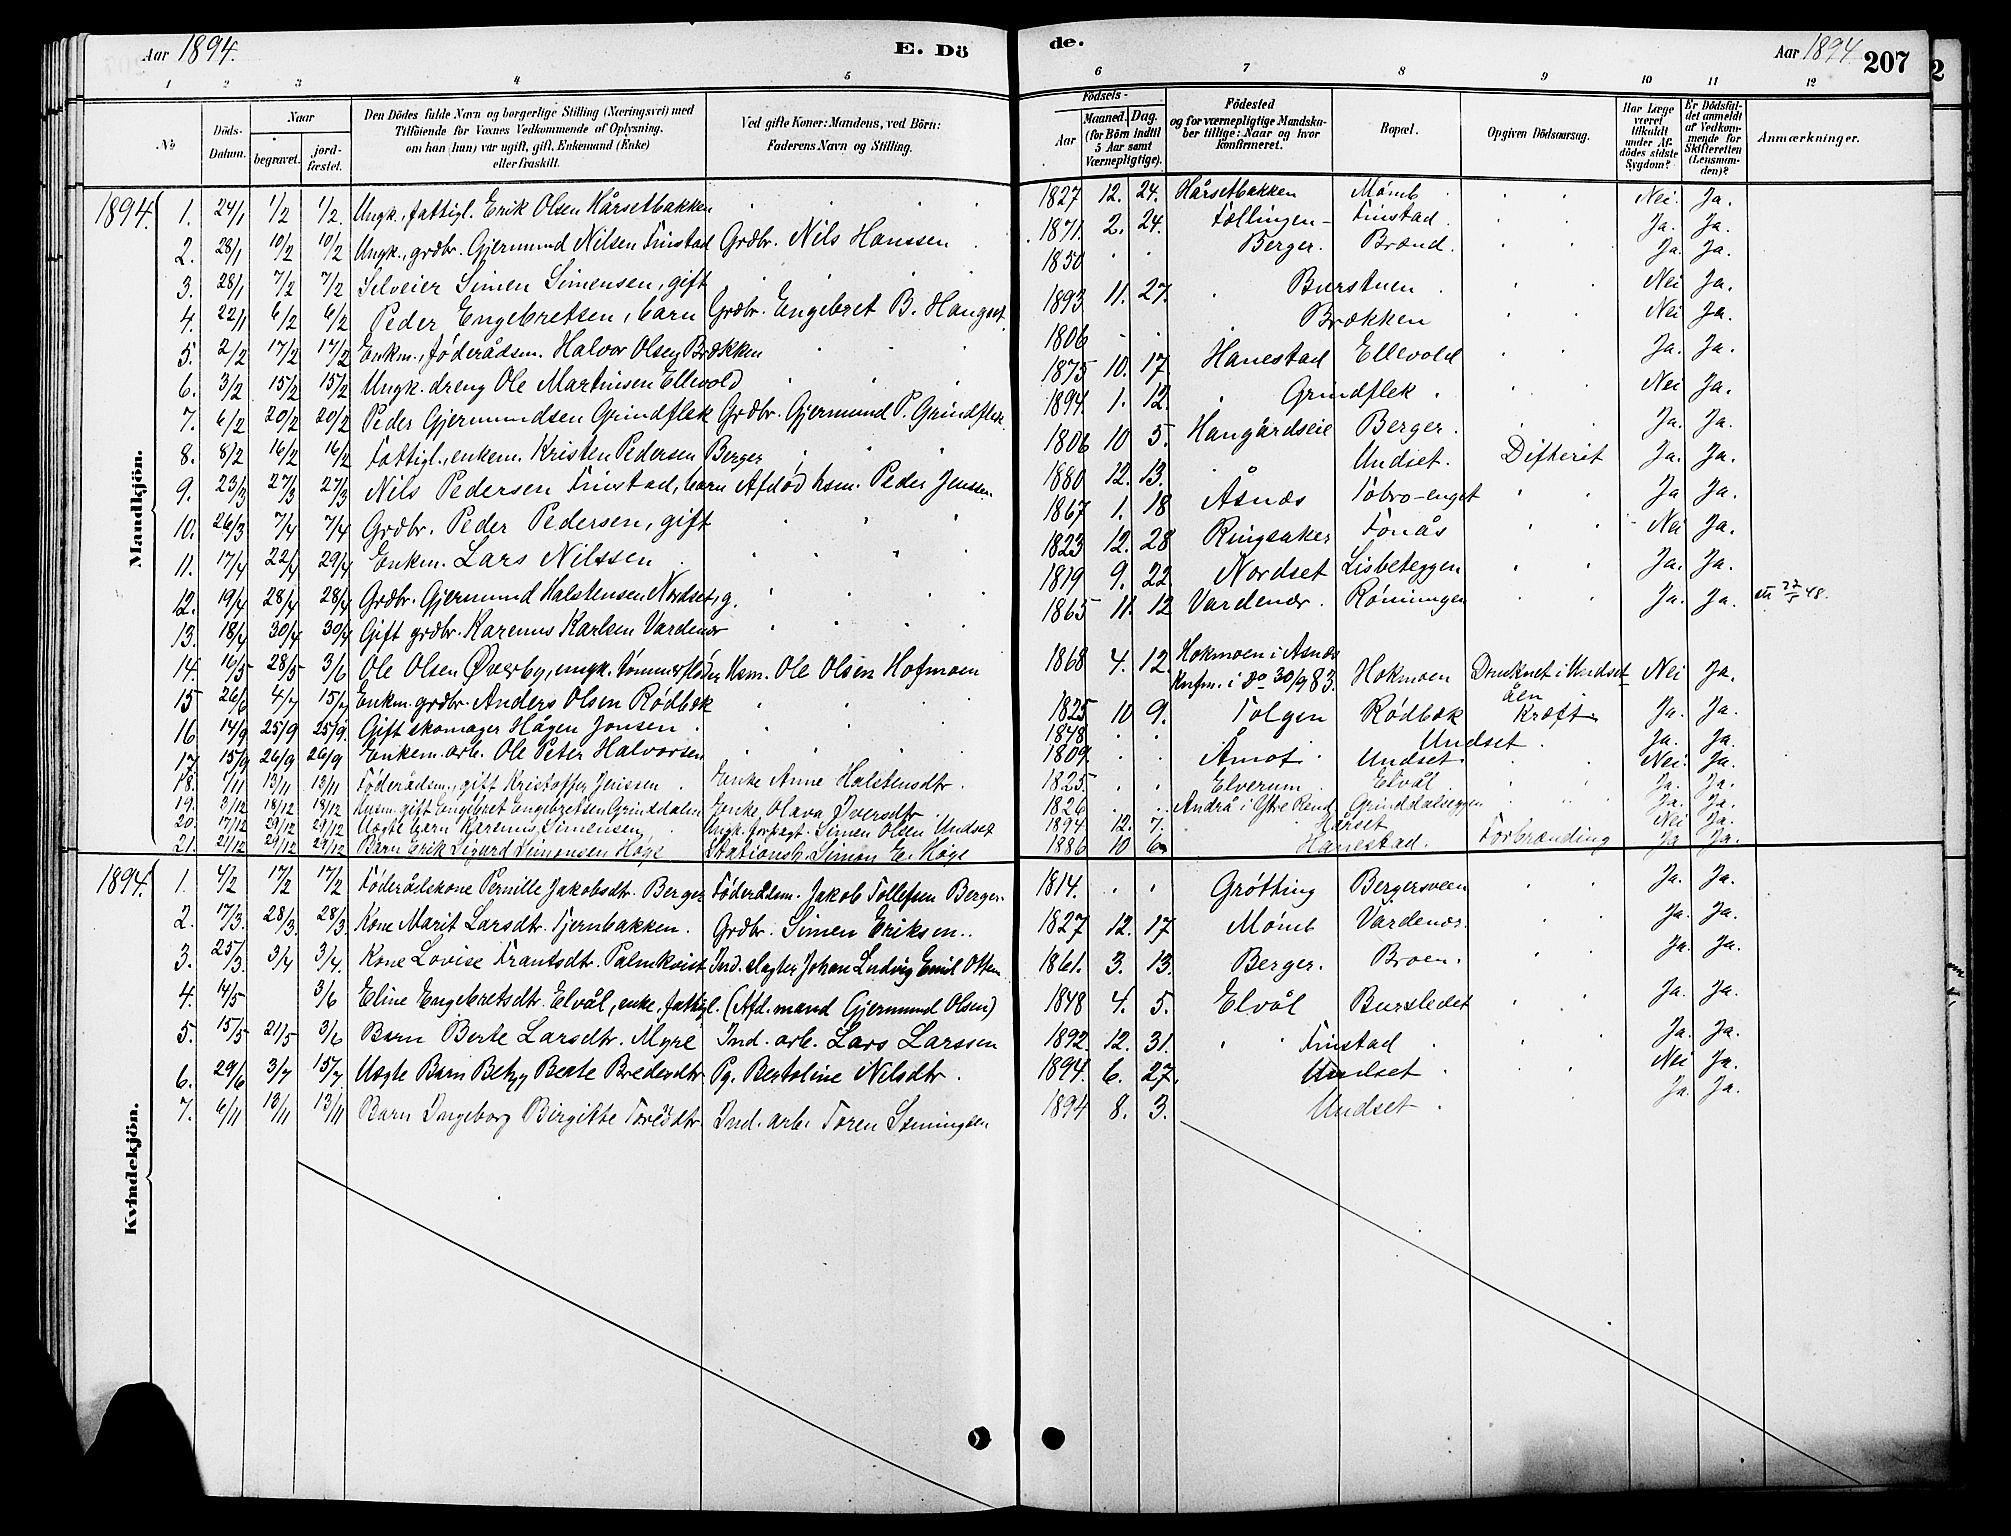 SAH, Rendalen prestekontor, H/Ha/Hab/L0003: Klokkerbok nr. 3, 1879-1904, s. 207